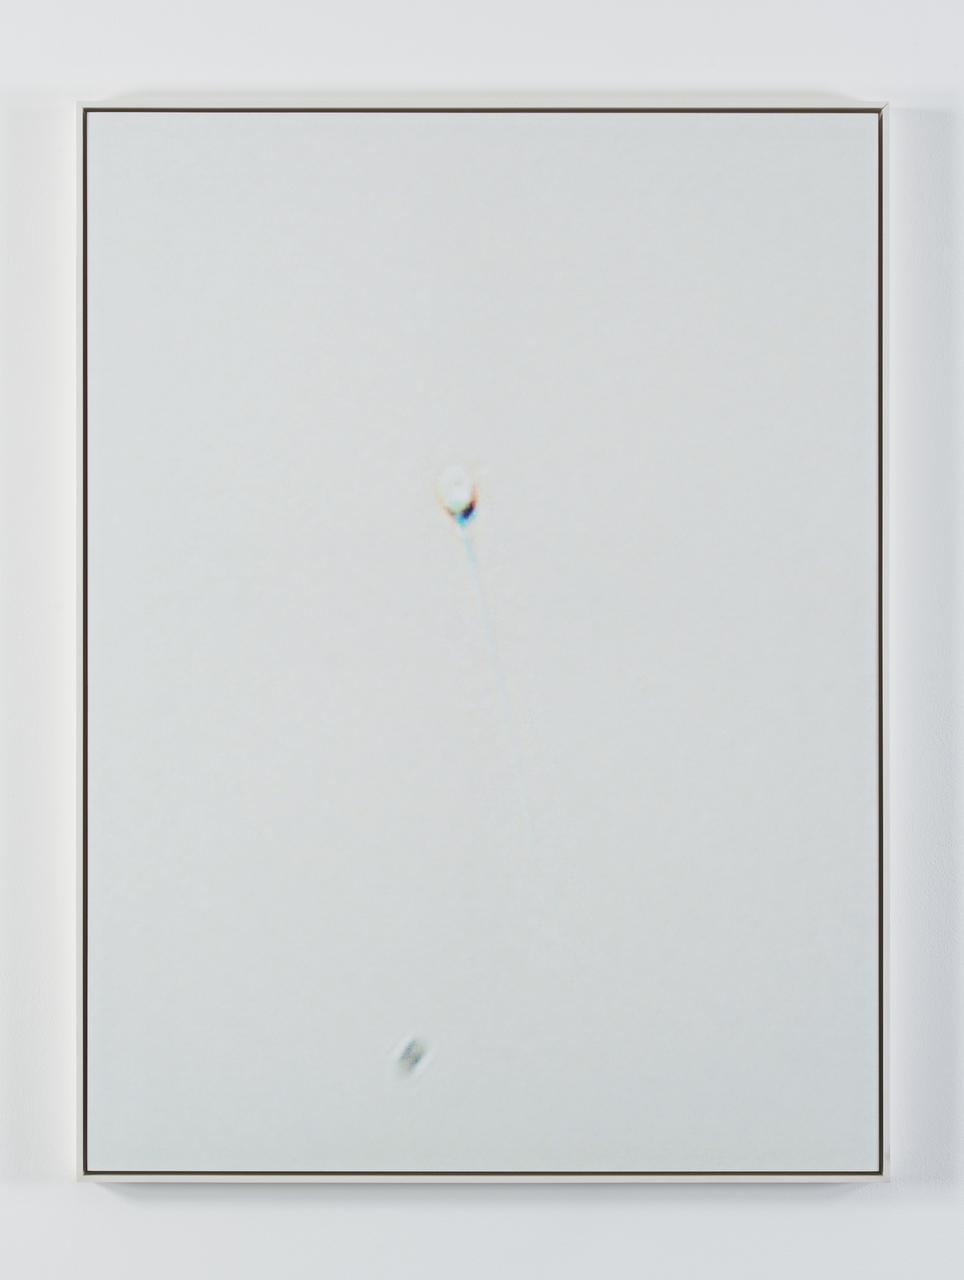 RODR 2012003